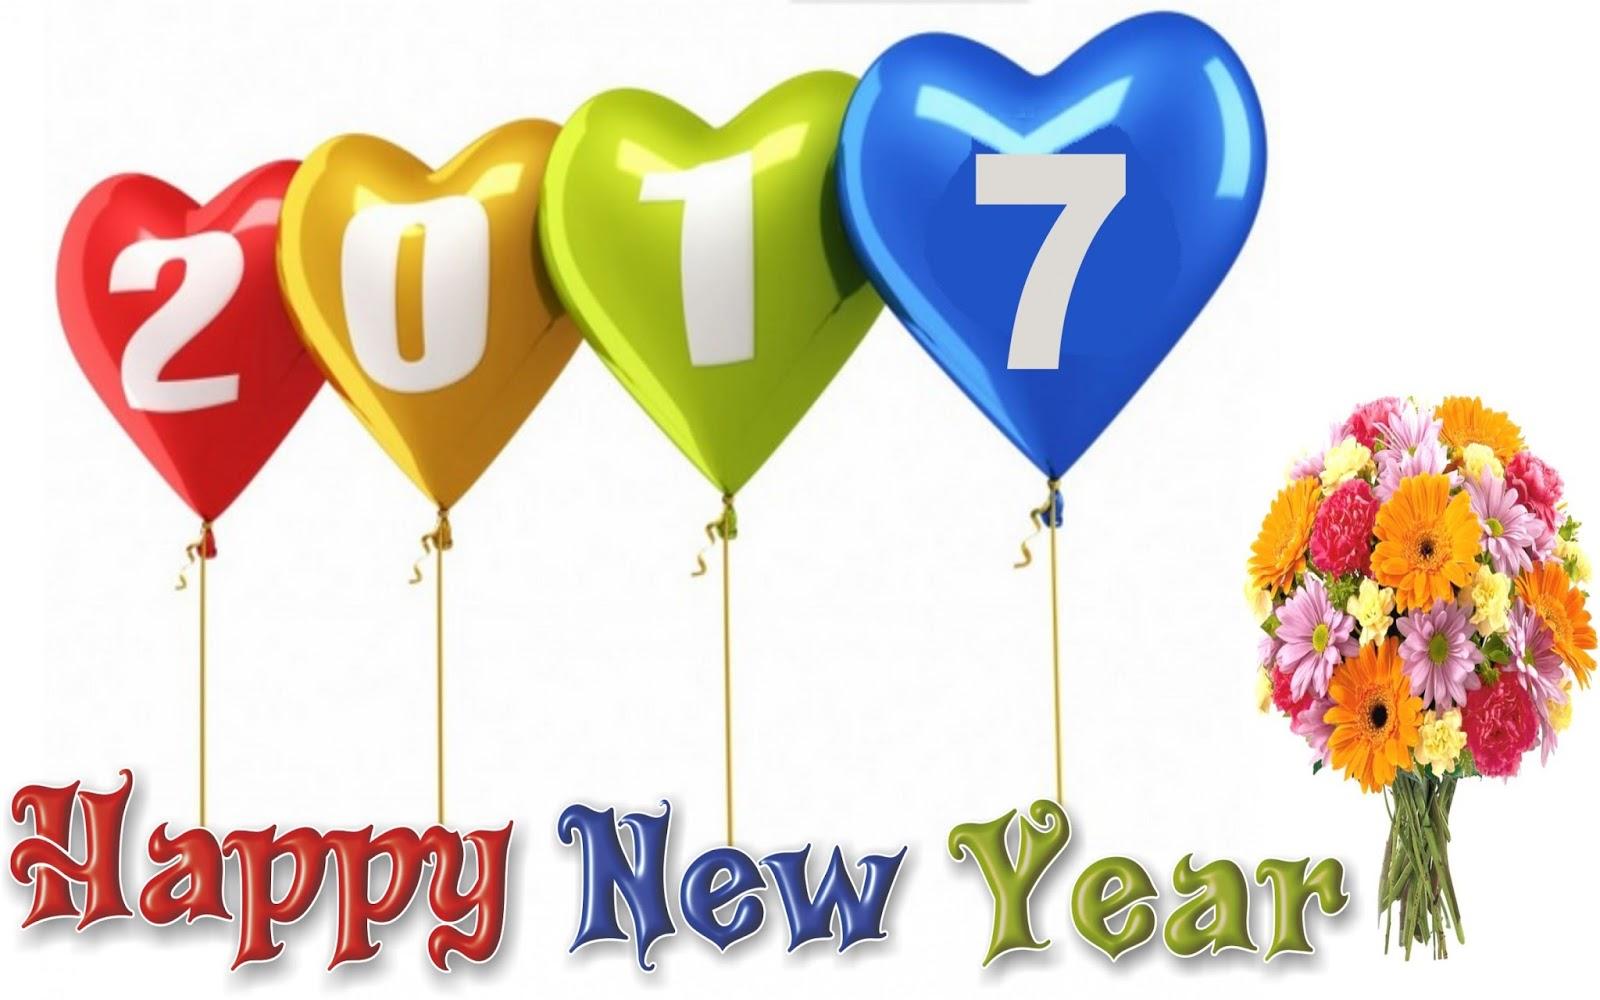 Hd wallpaper new 2017 - Happy New Year 2017 Hd Wallpaper